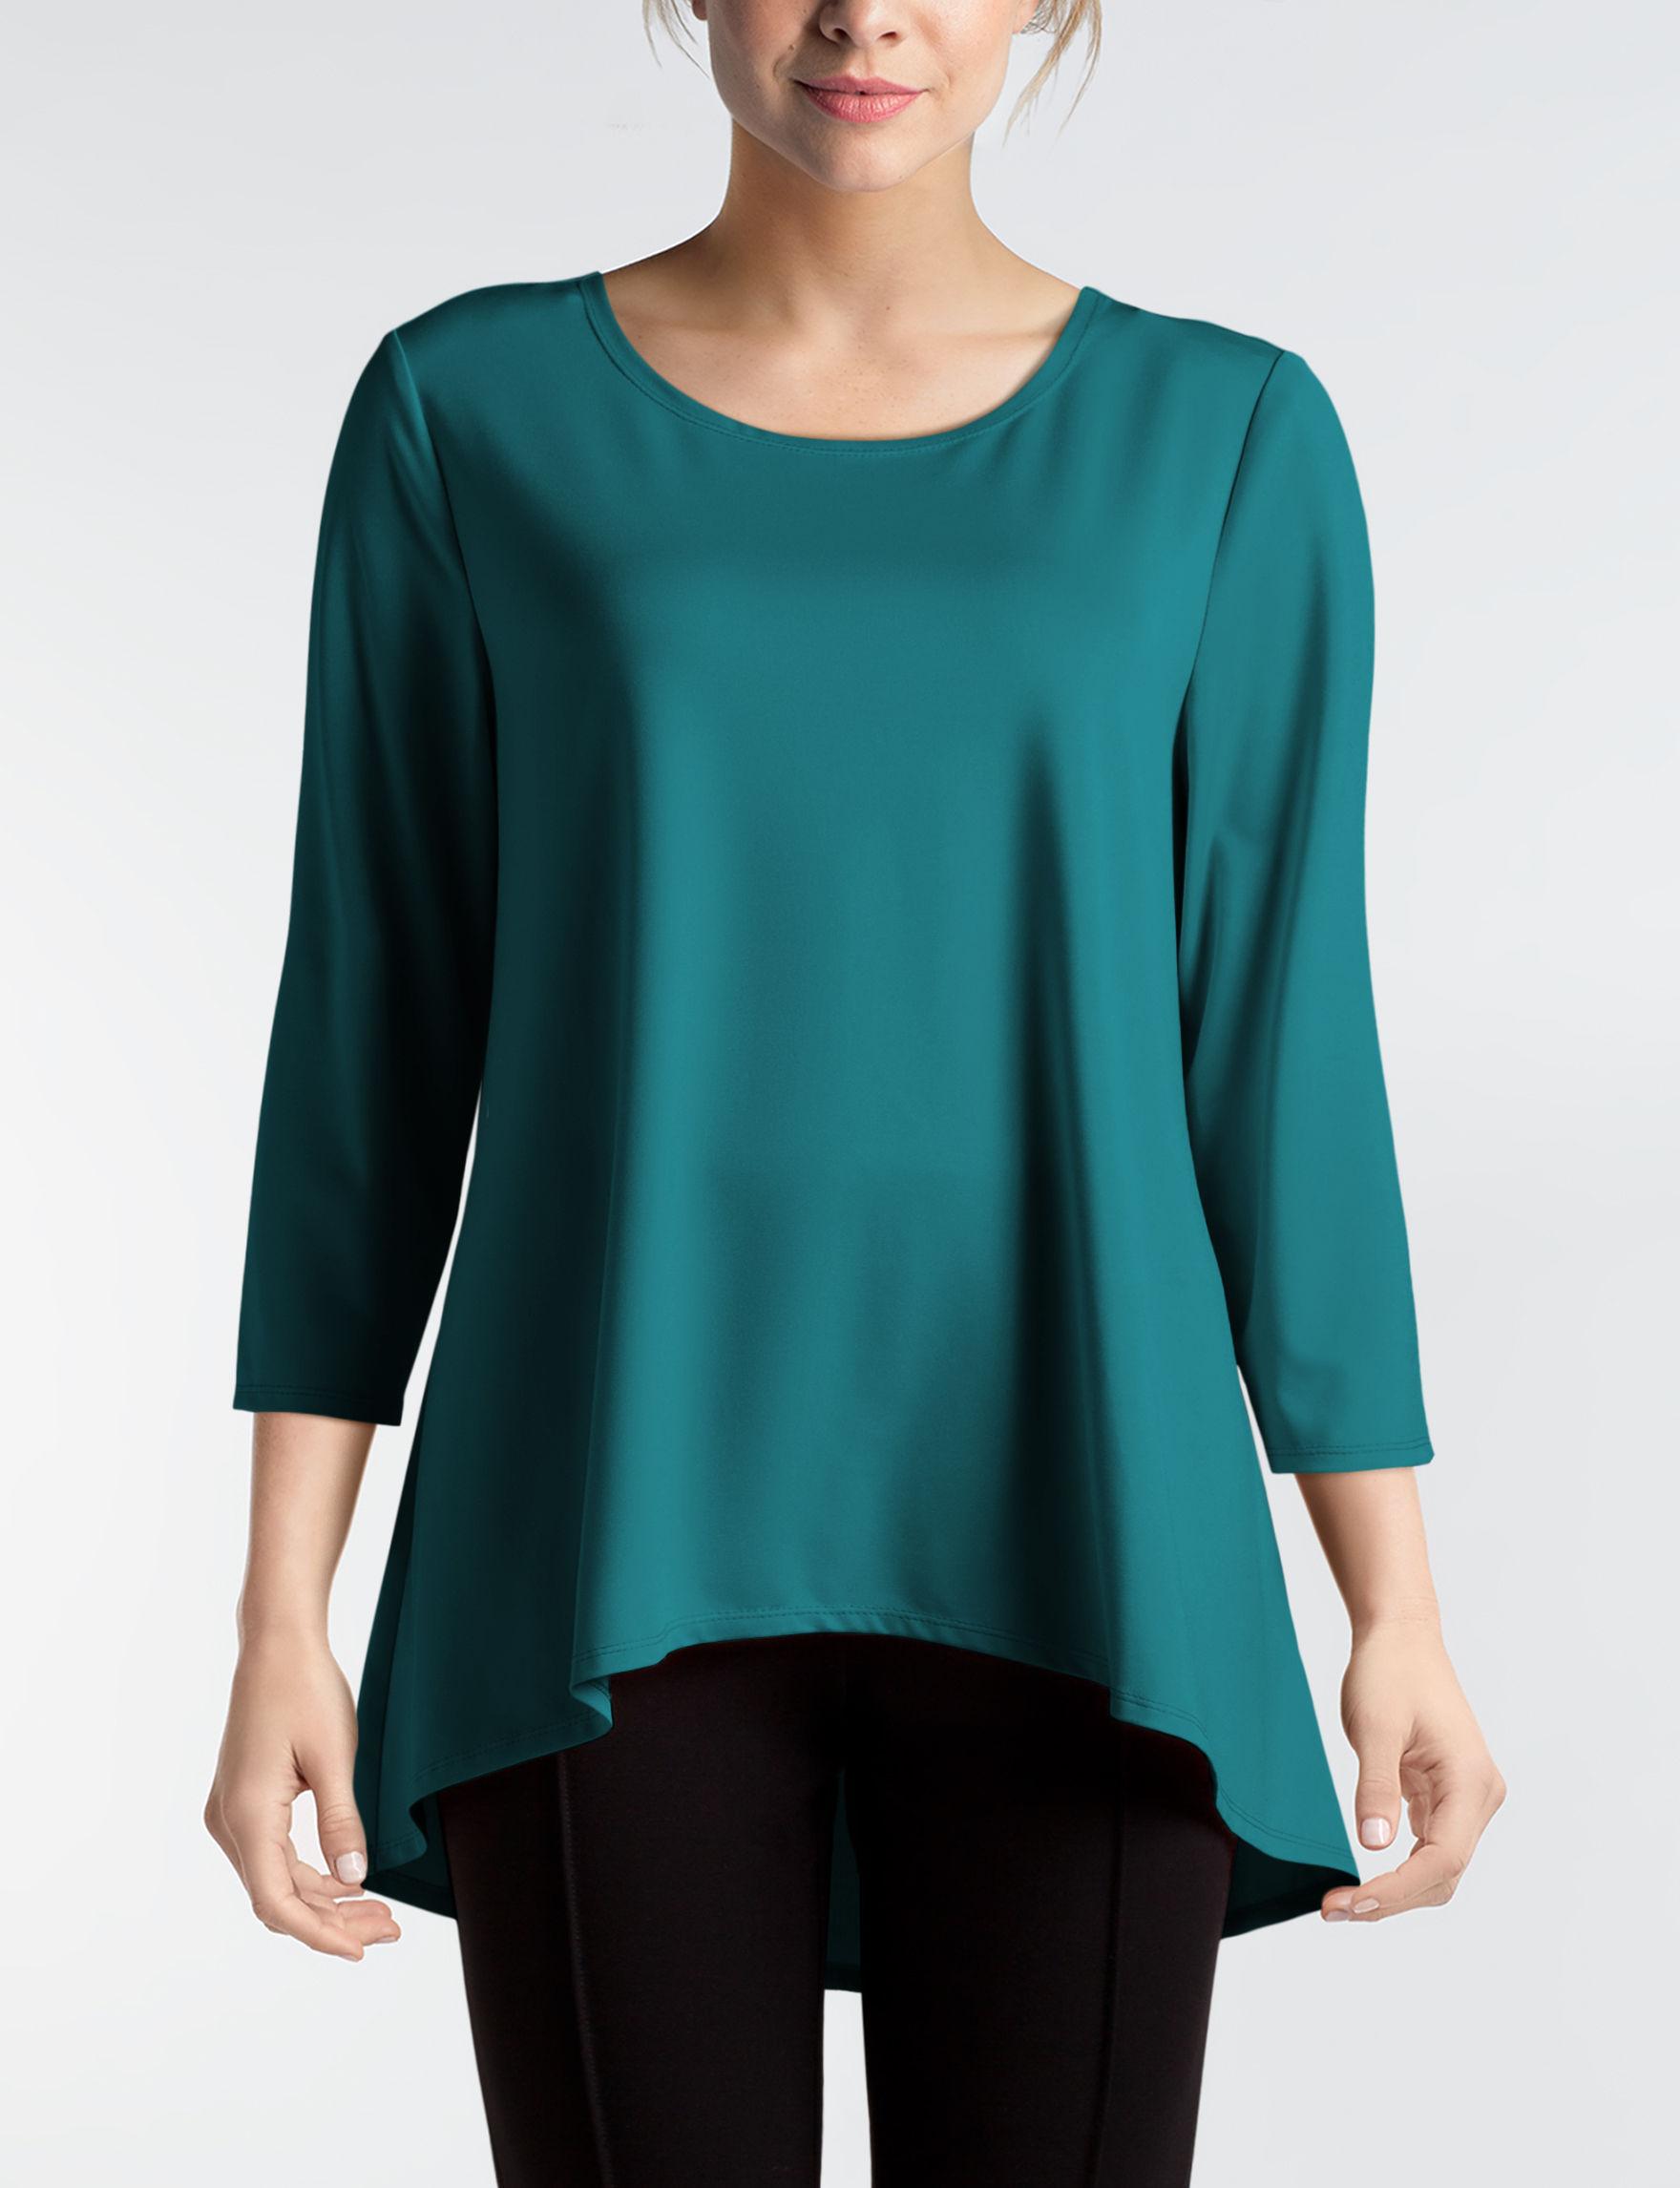 Valerie Stevens Teal Shirts & Blouses